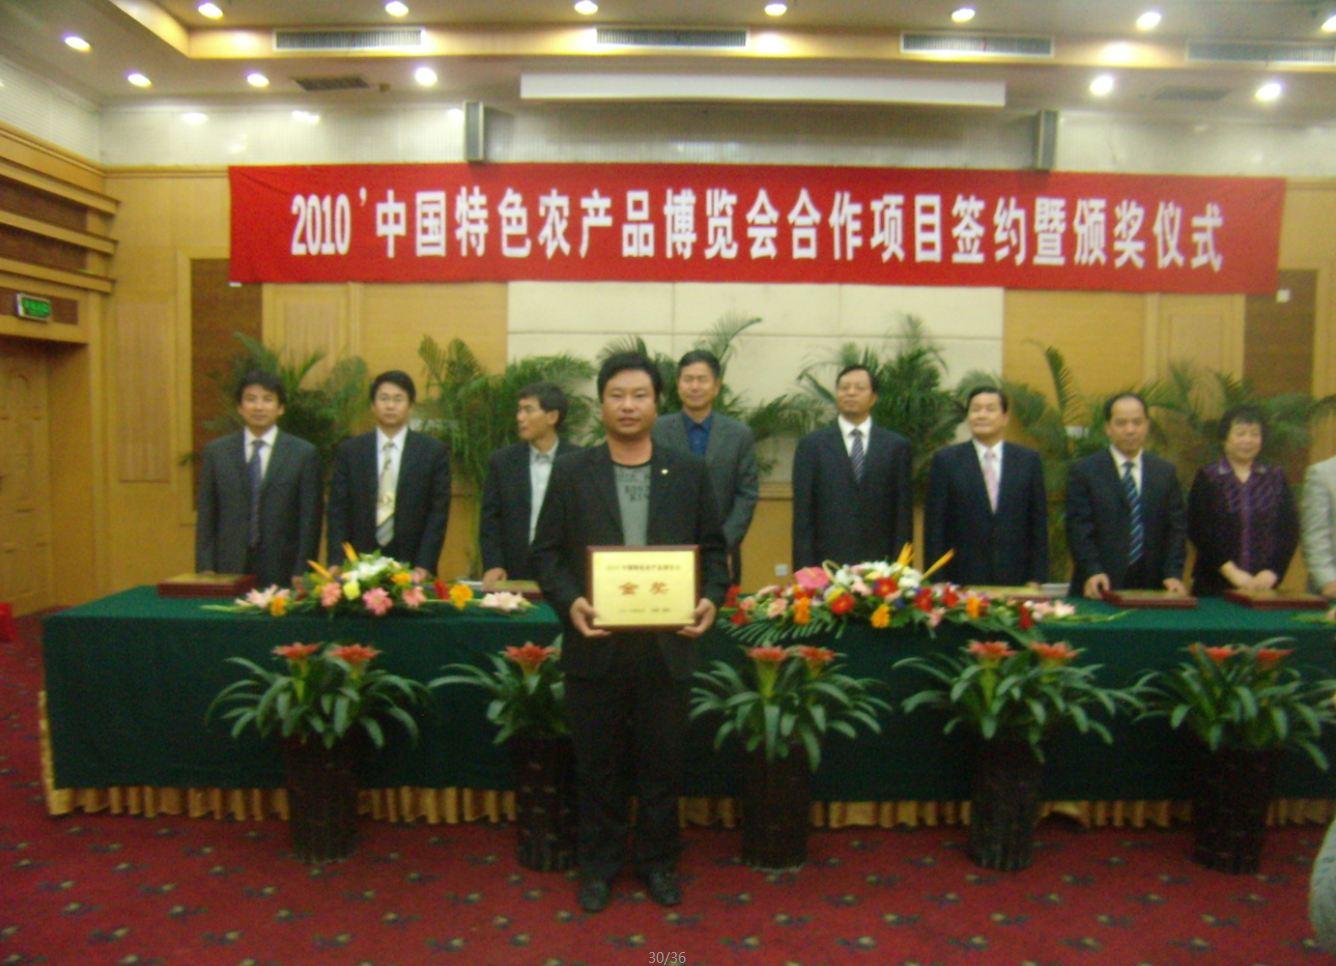 速效灭菌剂-增抗剂荣获2010'中国特色农产品博览会金奖